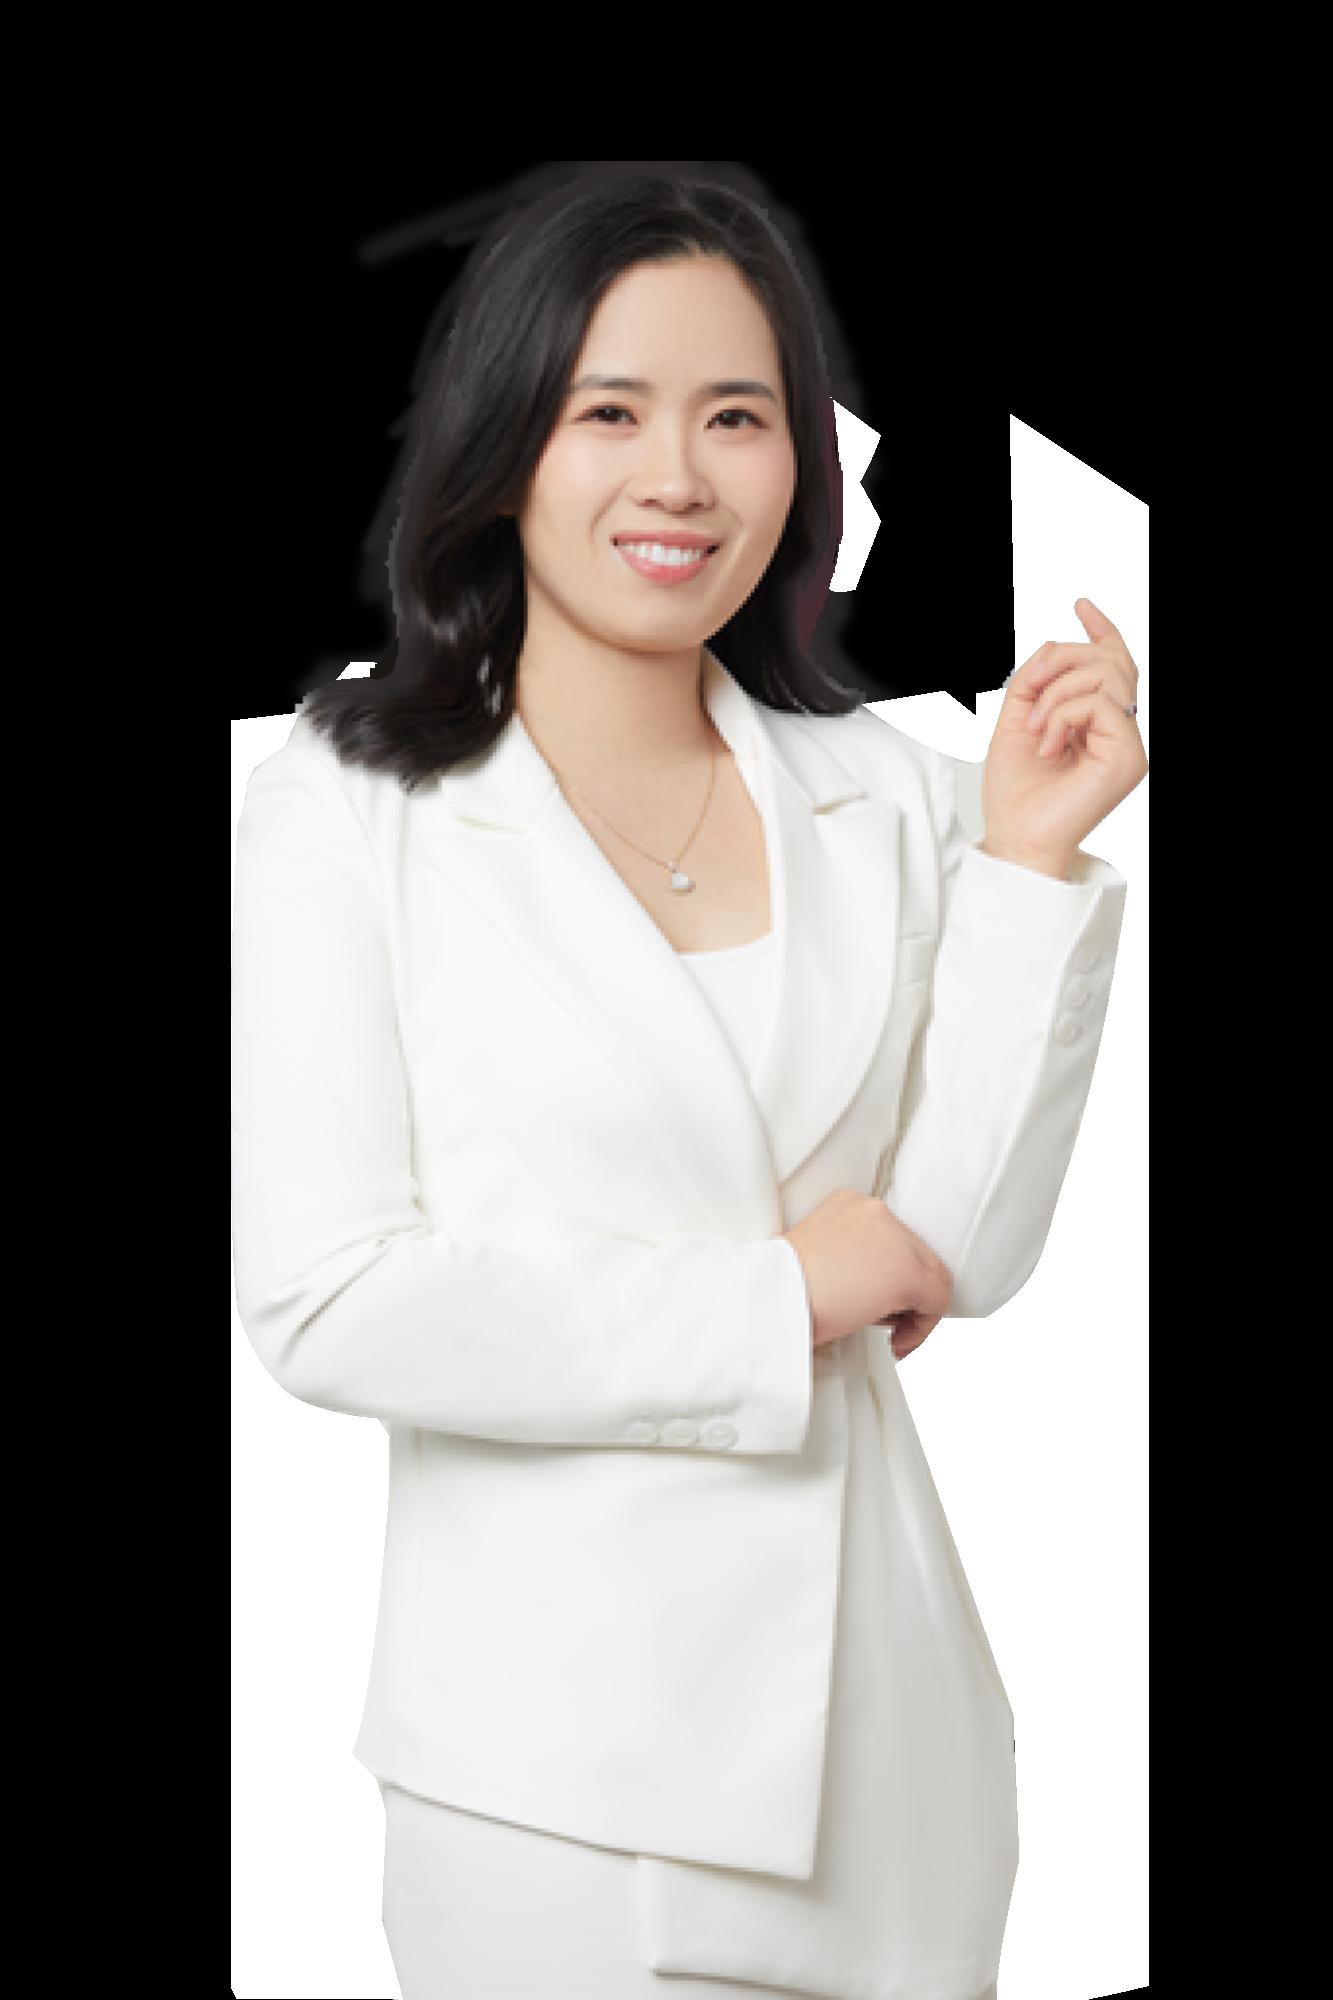 开课啦!第22期《赢在招投-快速提升企业竞标能力培训》长沙站